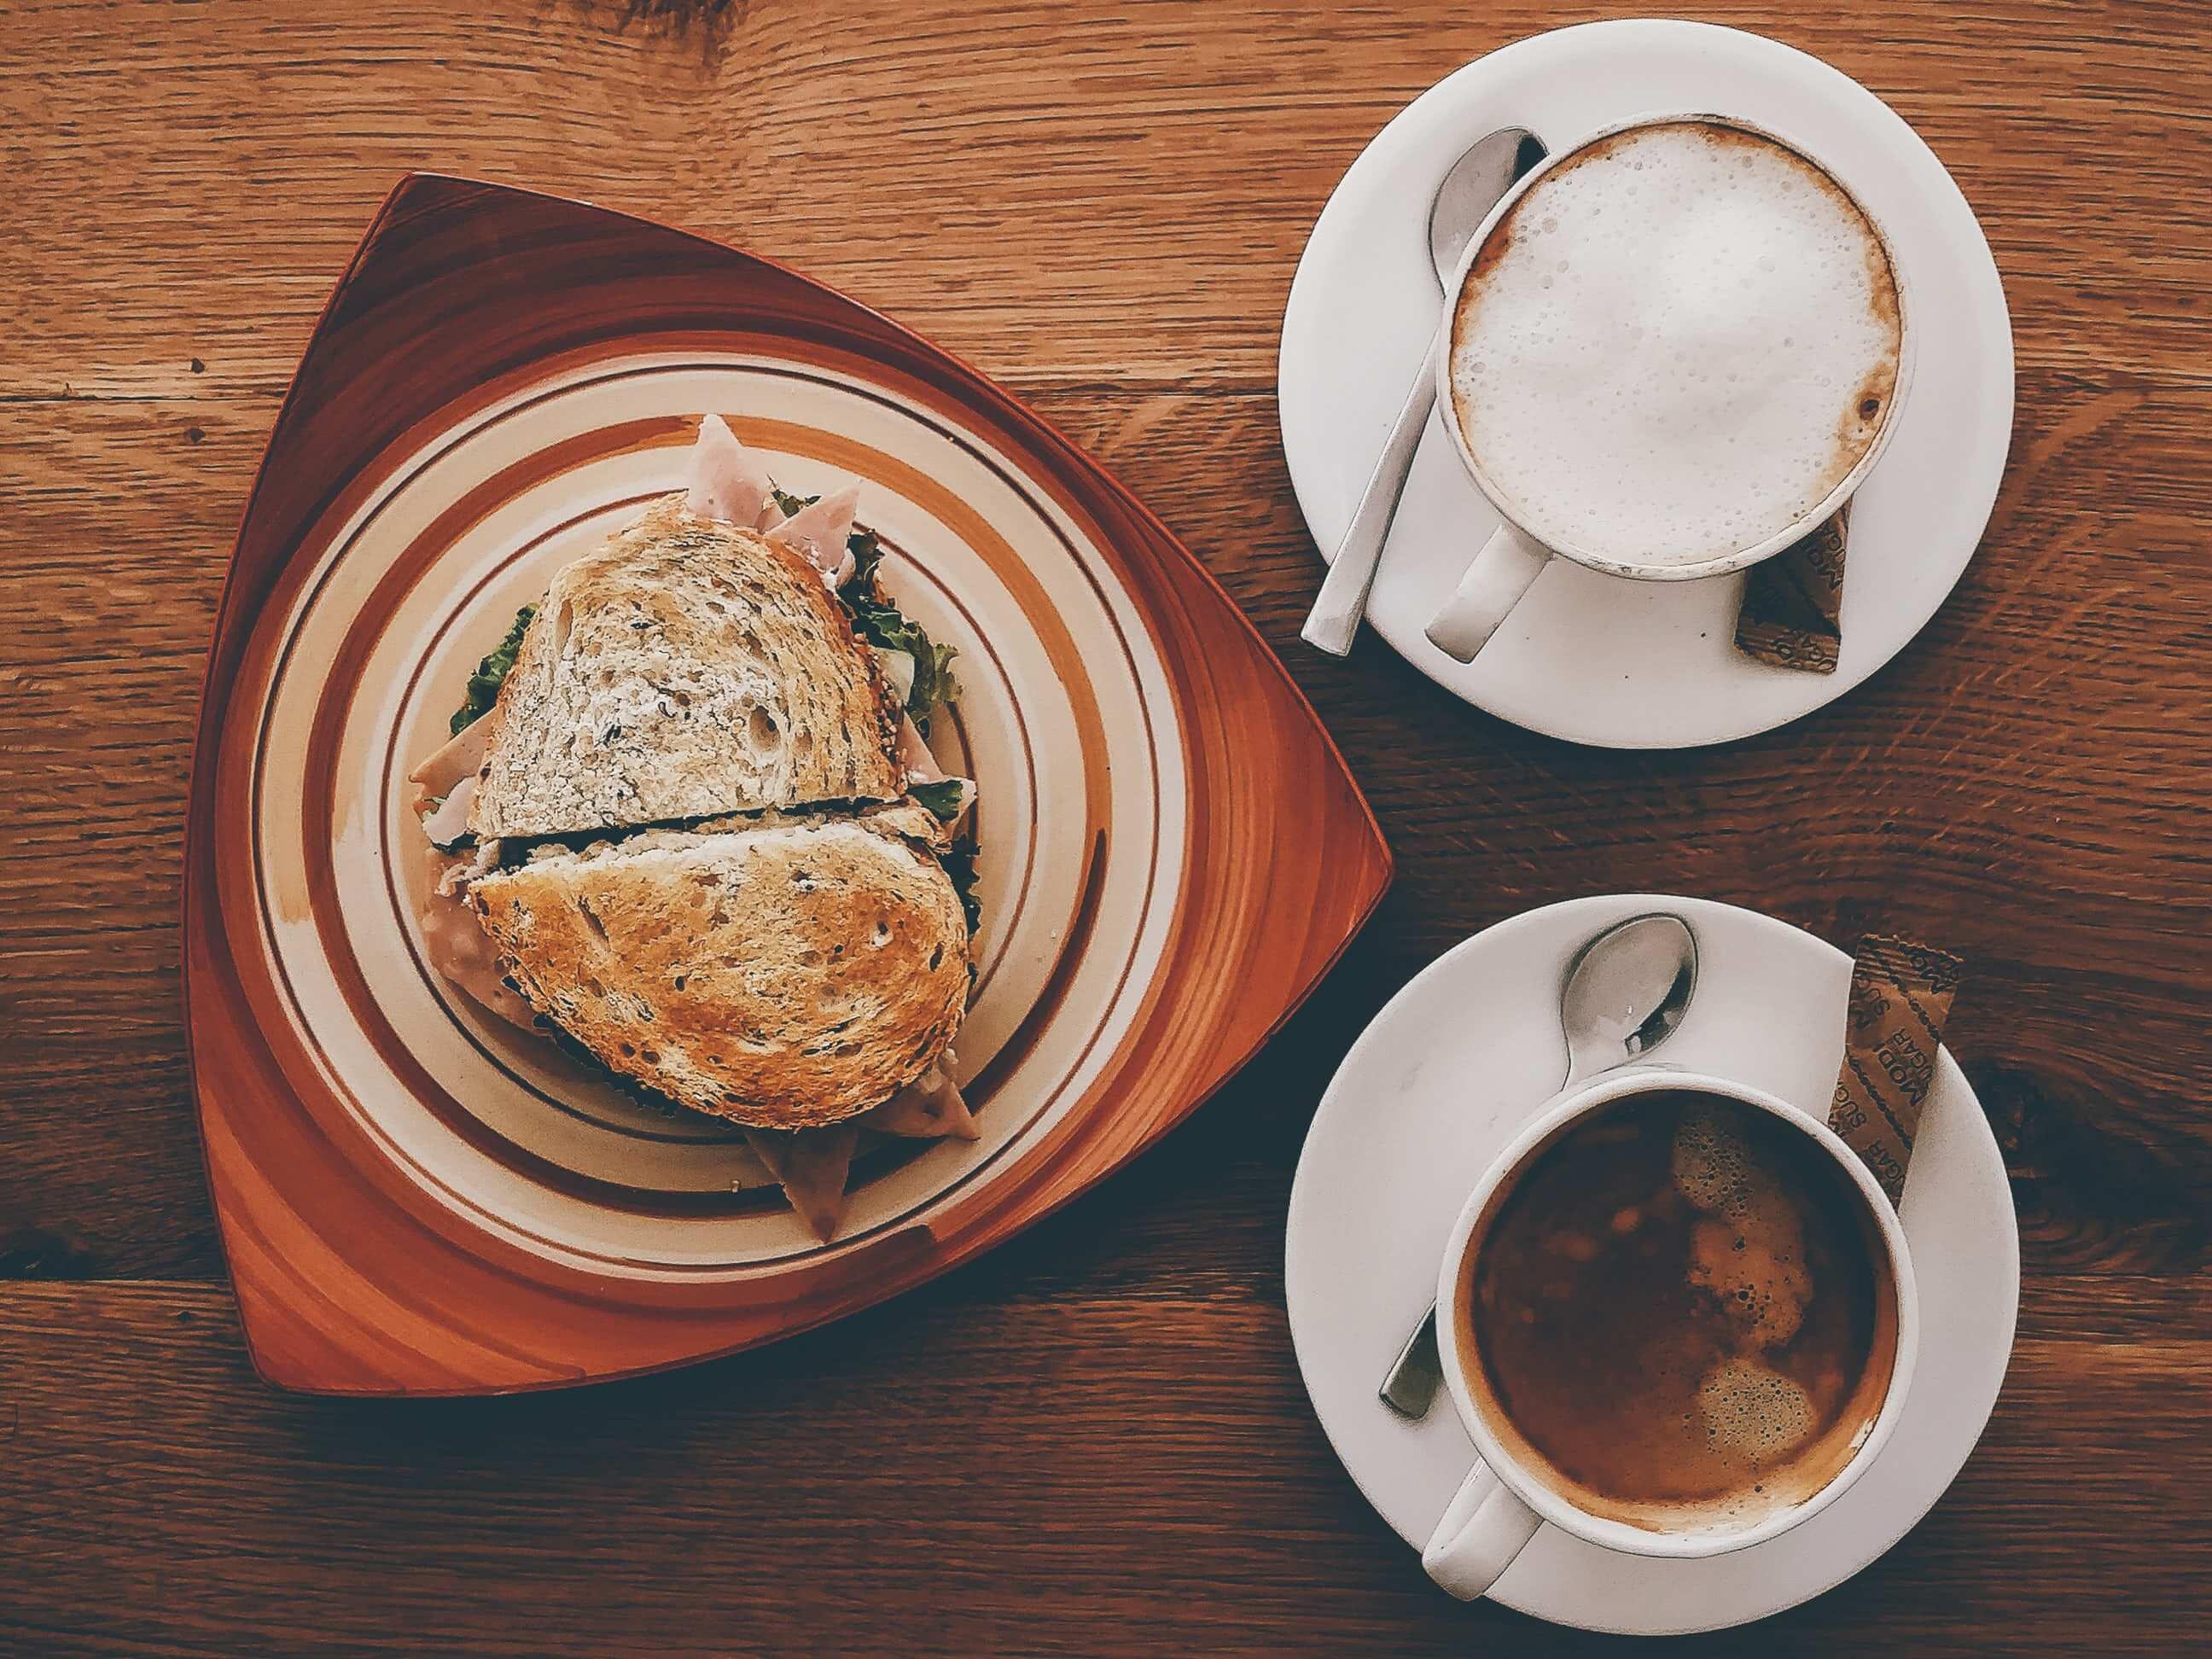 只有北海道才有的美味早餐!札幌車站周邊推薦的5家早餐